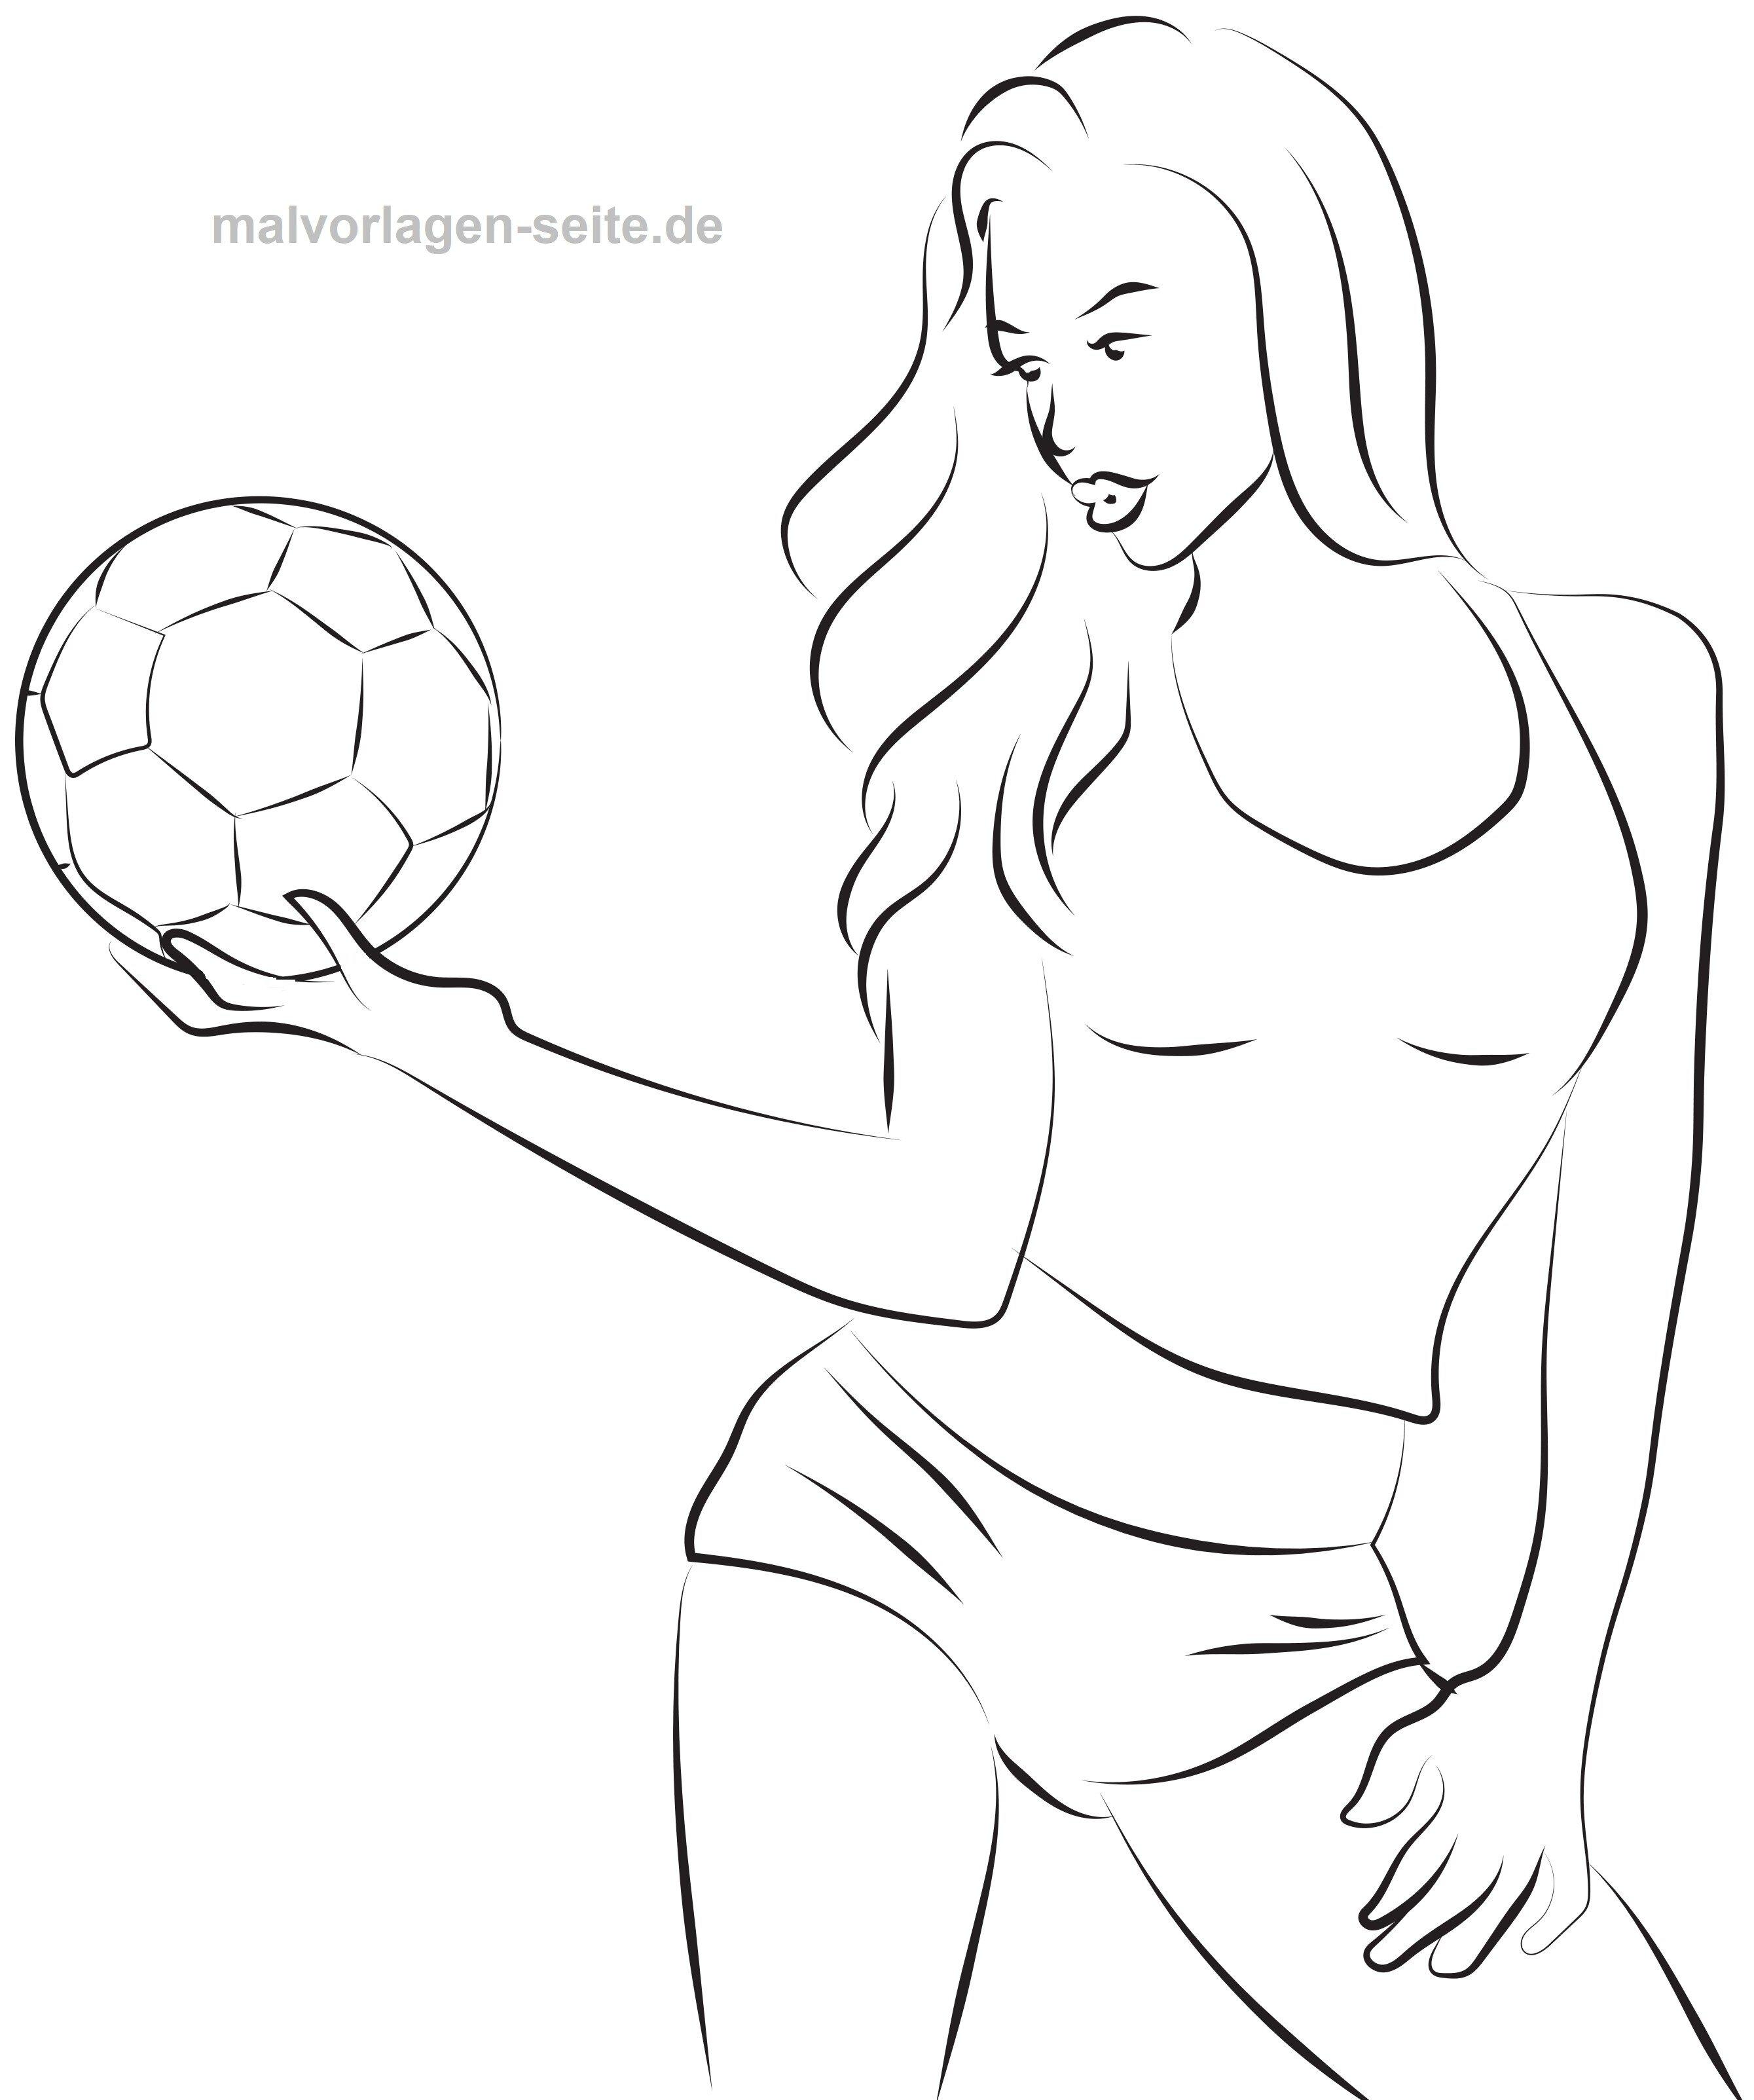 Malvorlage Model mit Fußball | Gratis Malvorlagen zum Download